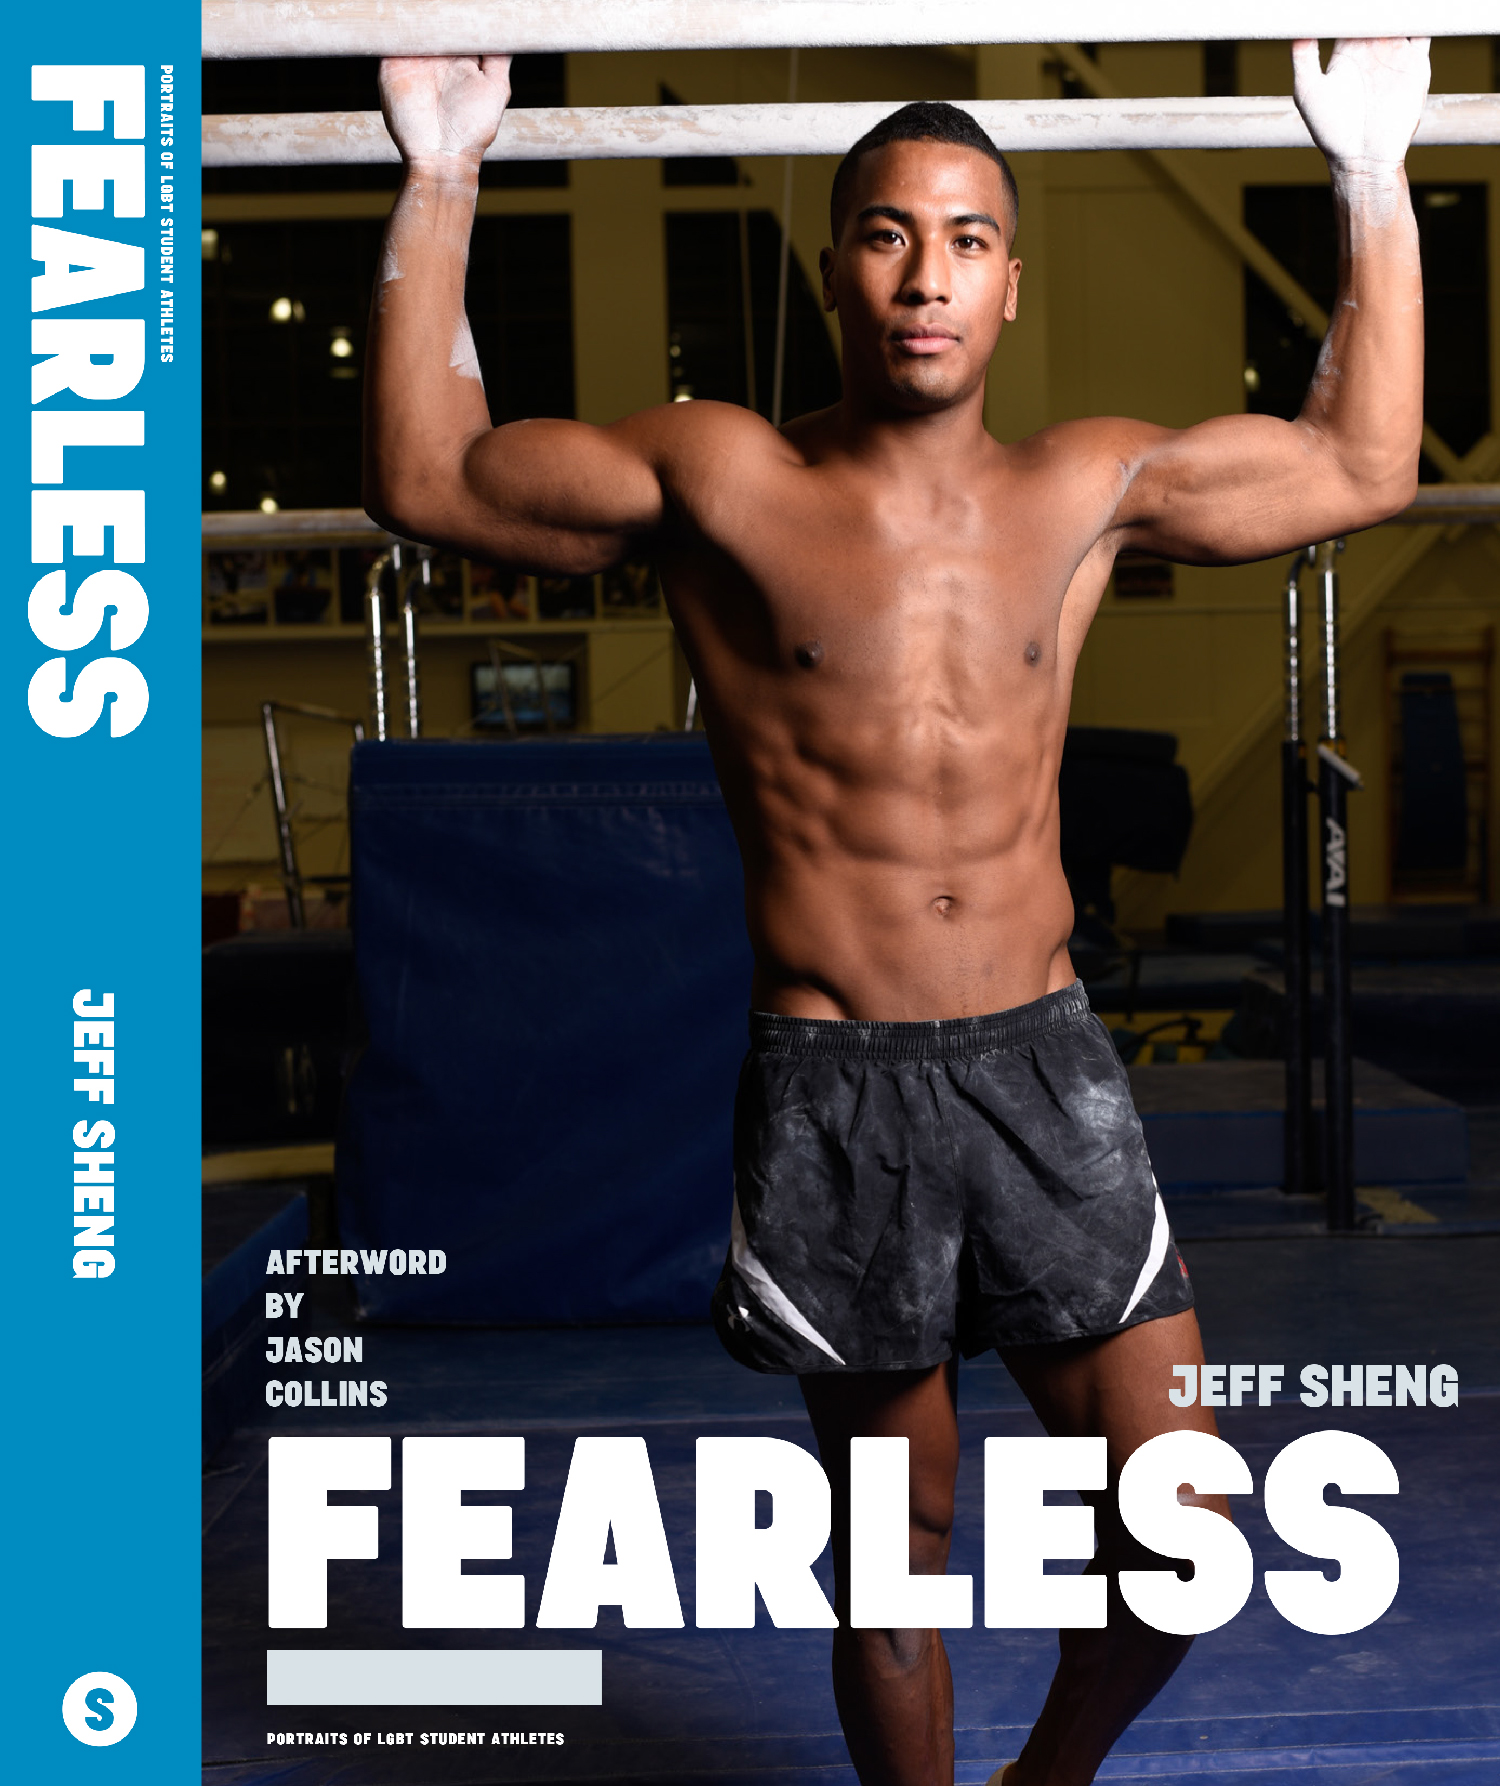 Fearless_Covers_crop.pdf-4-web-1500.jpg